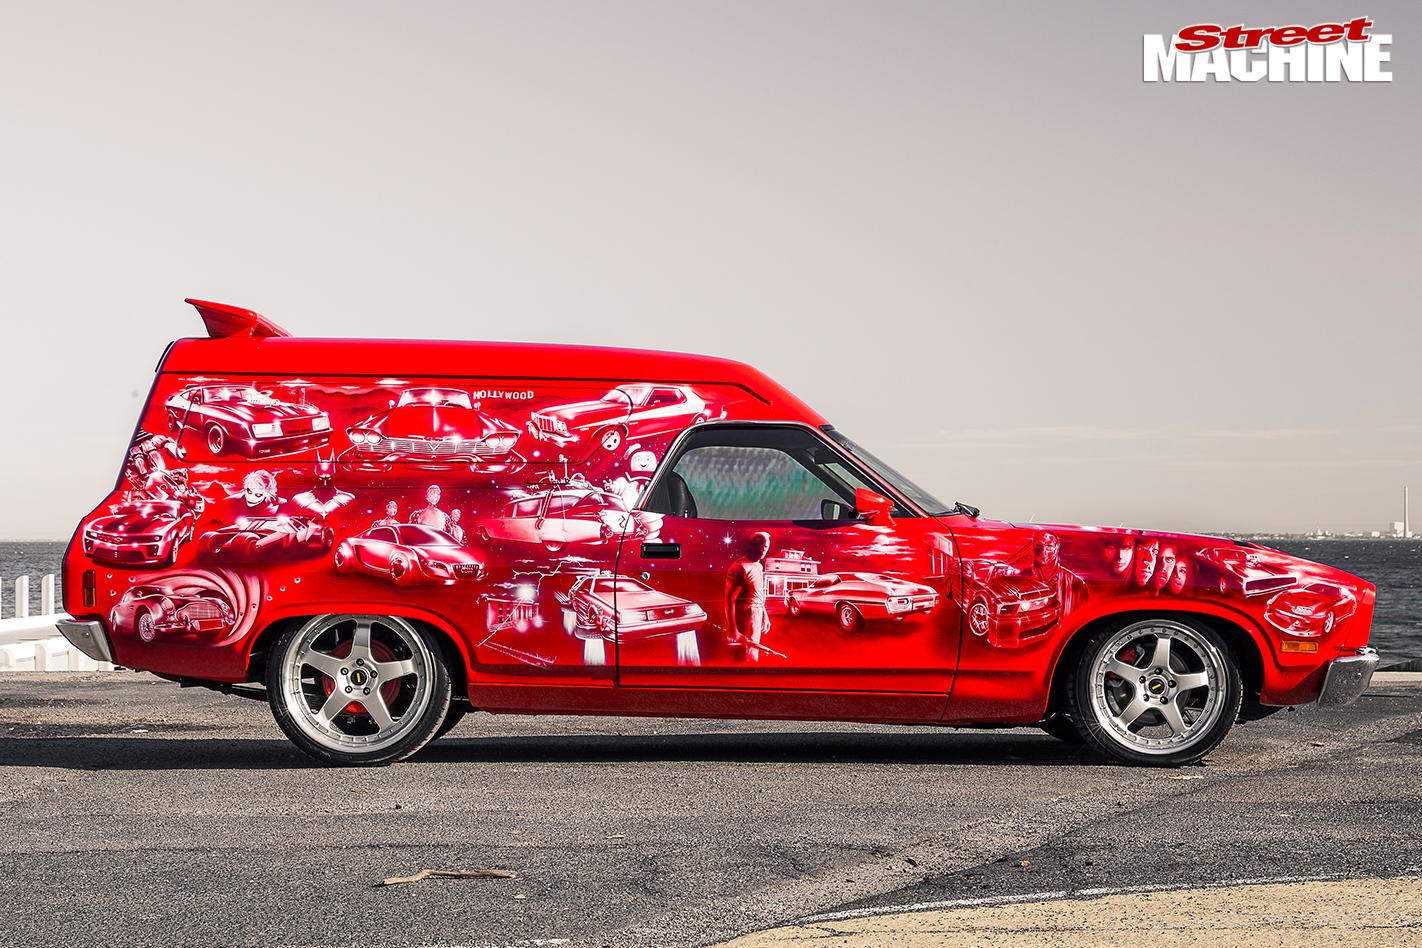 Ford -XC-wagon -jaffa -side -view -2